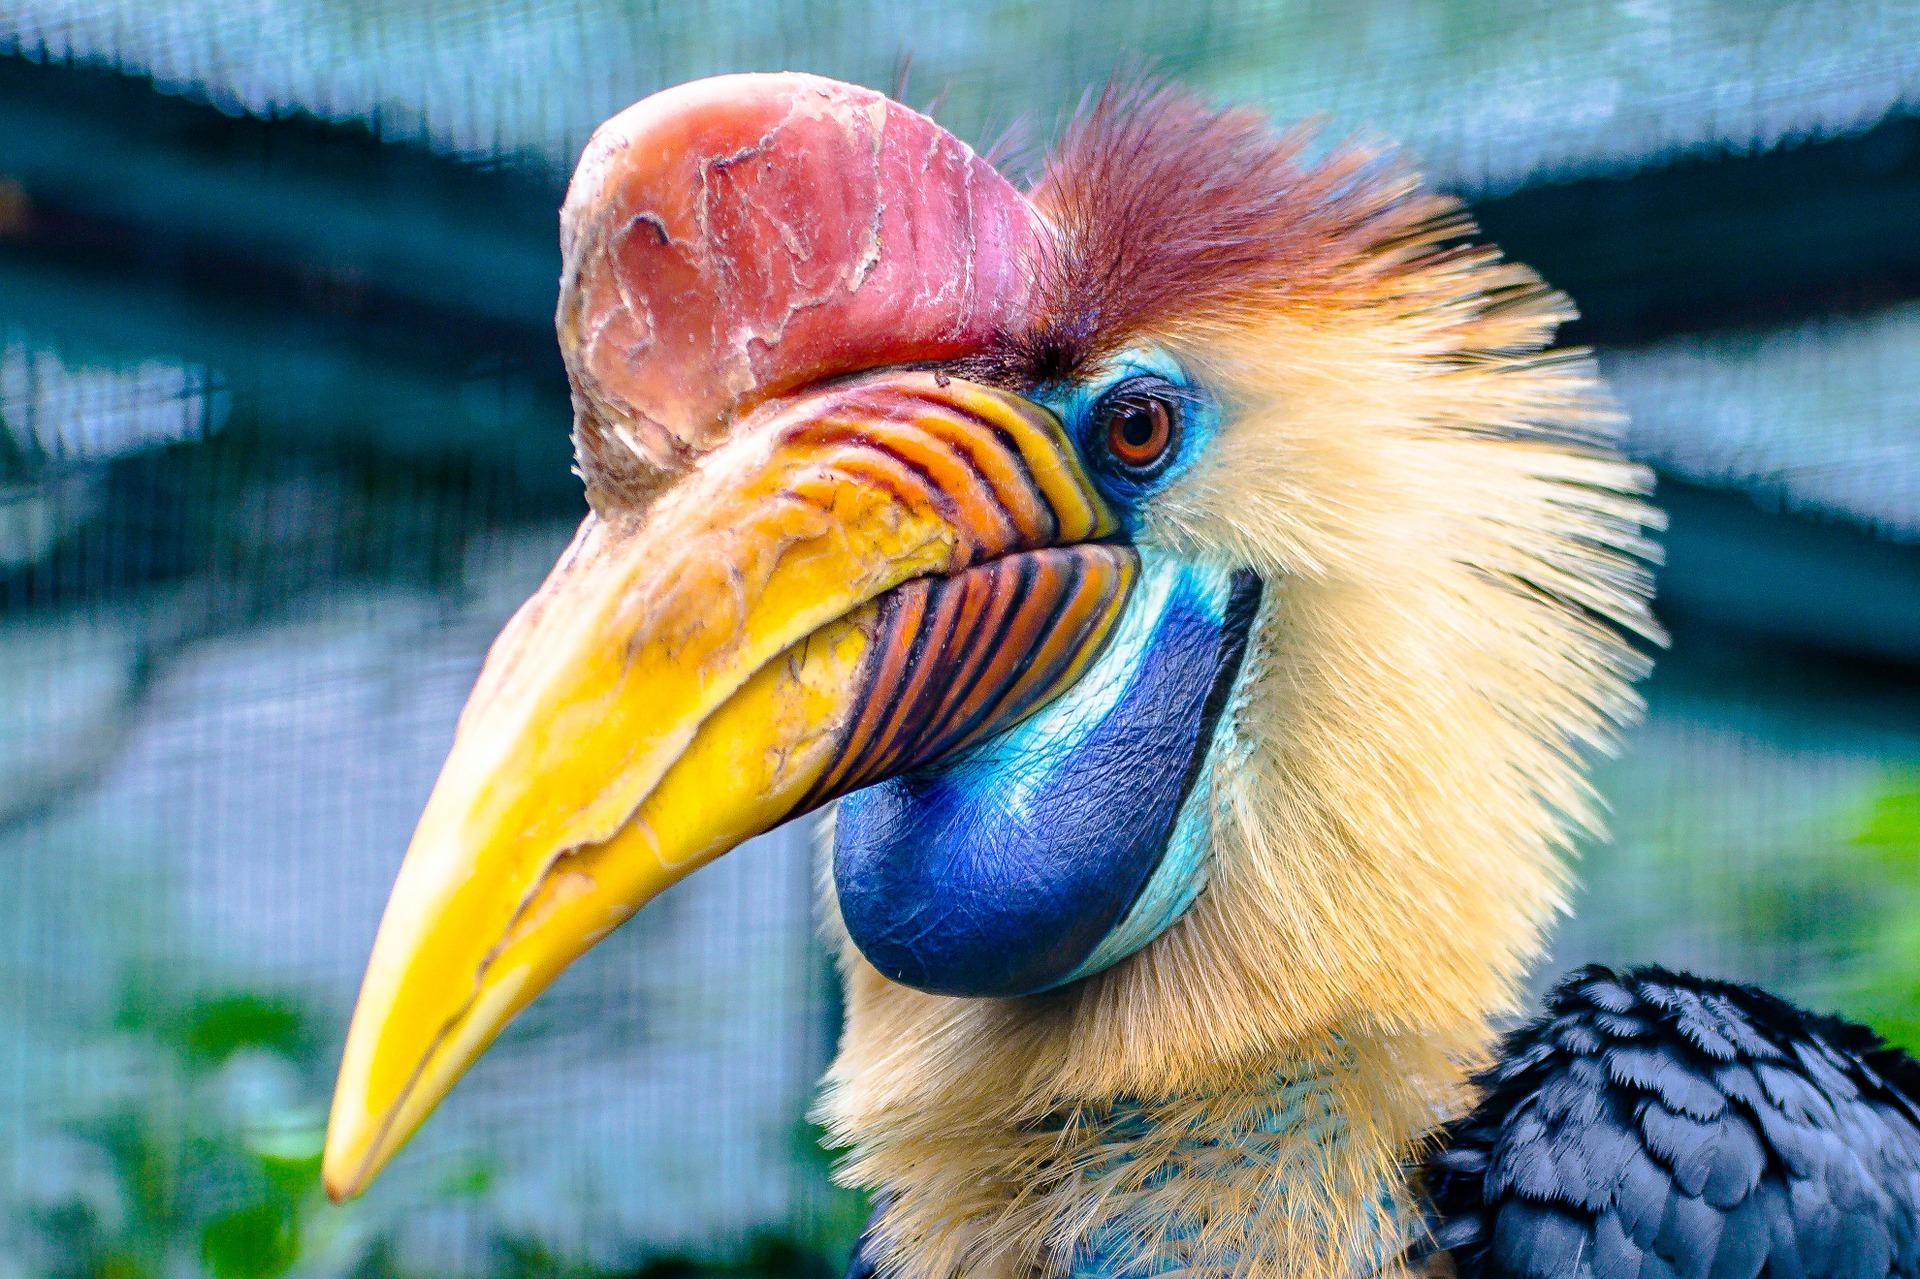 Uccello, rari, Bucero, hornbill del casco, Ave - Sfondi HD - Professor-falken.com